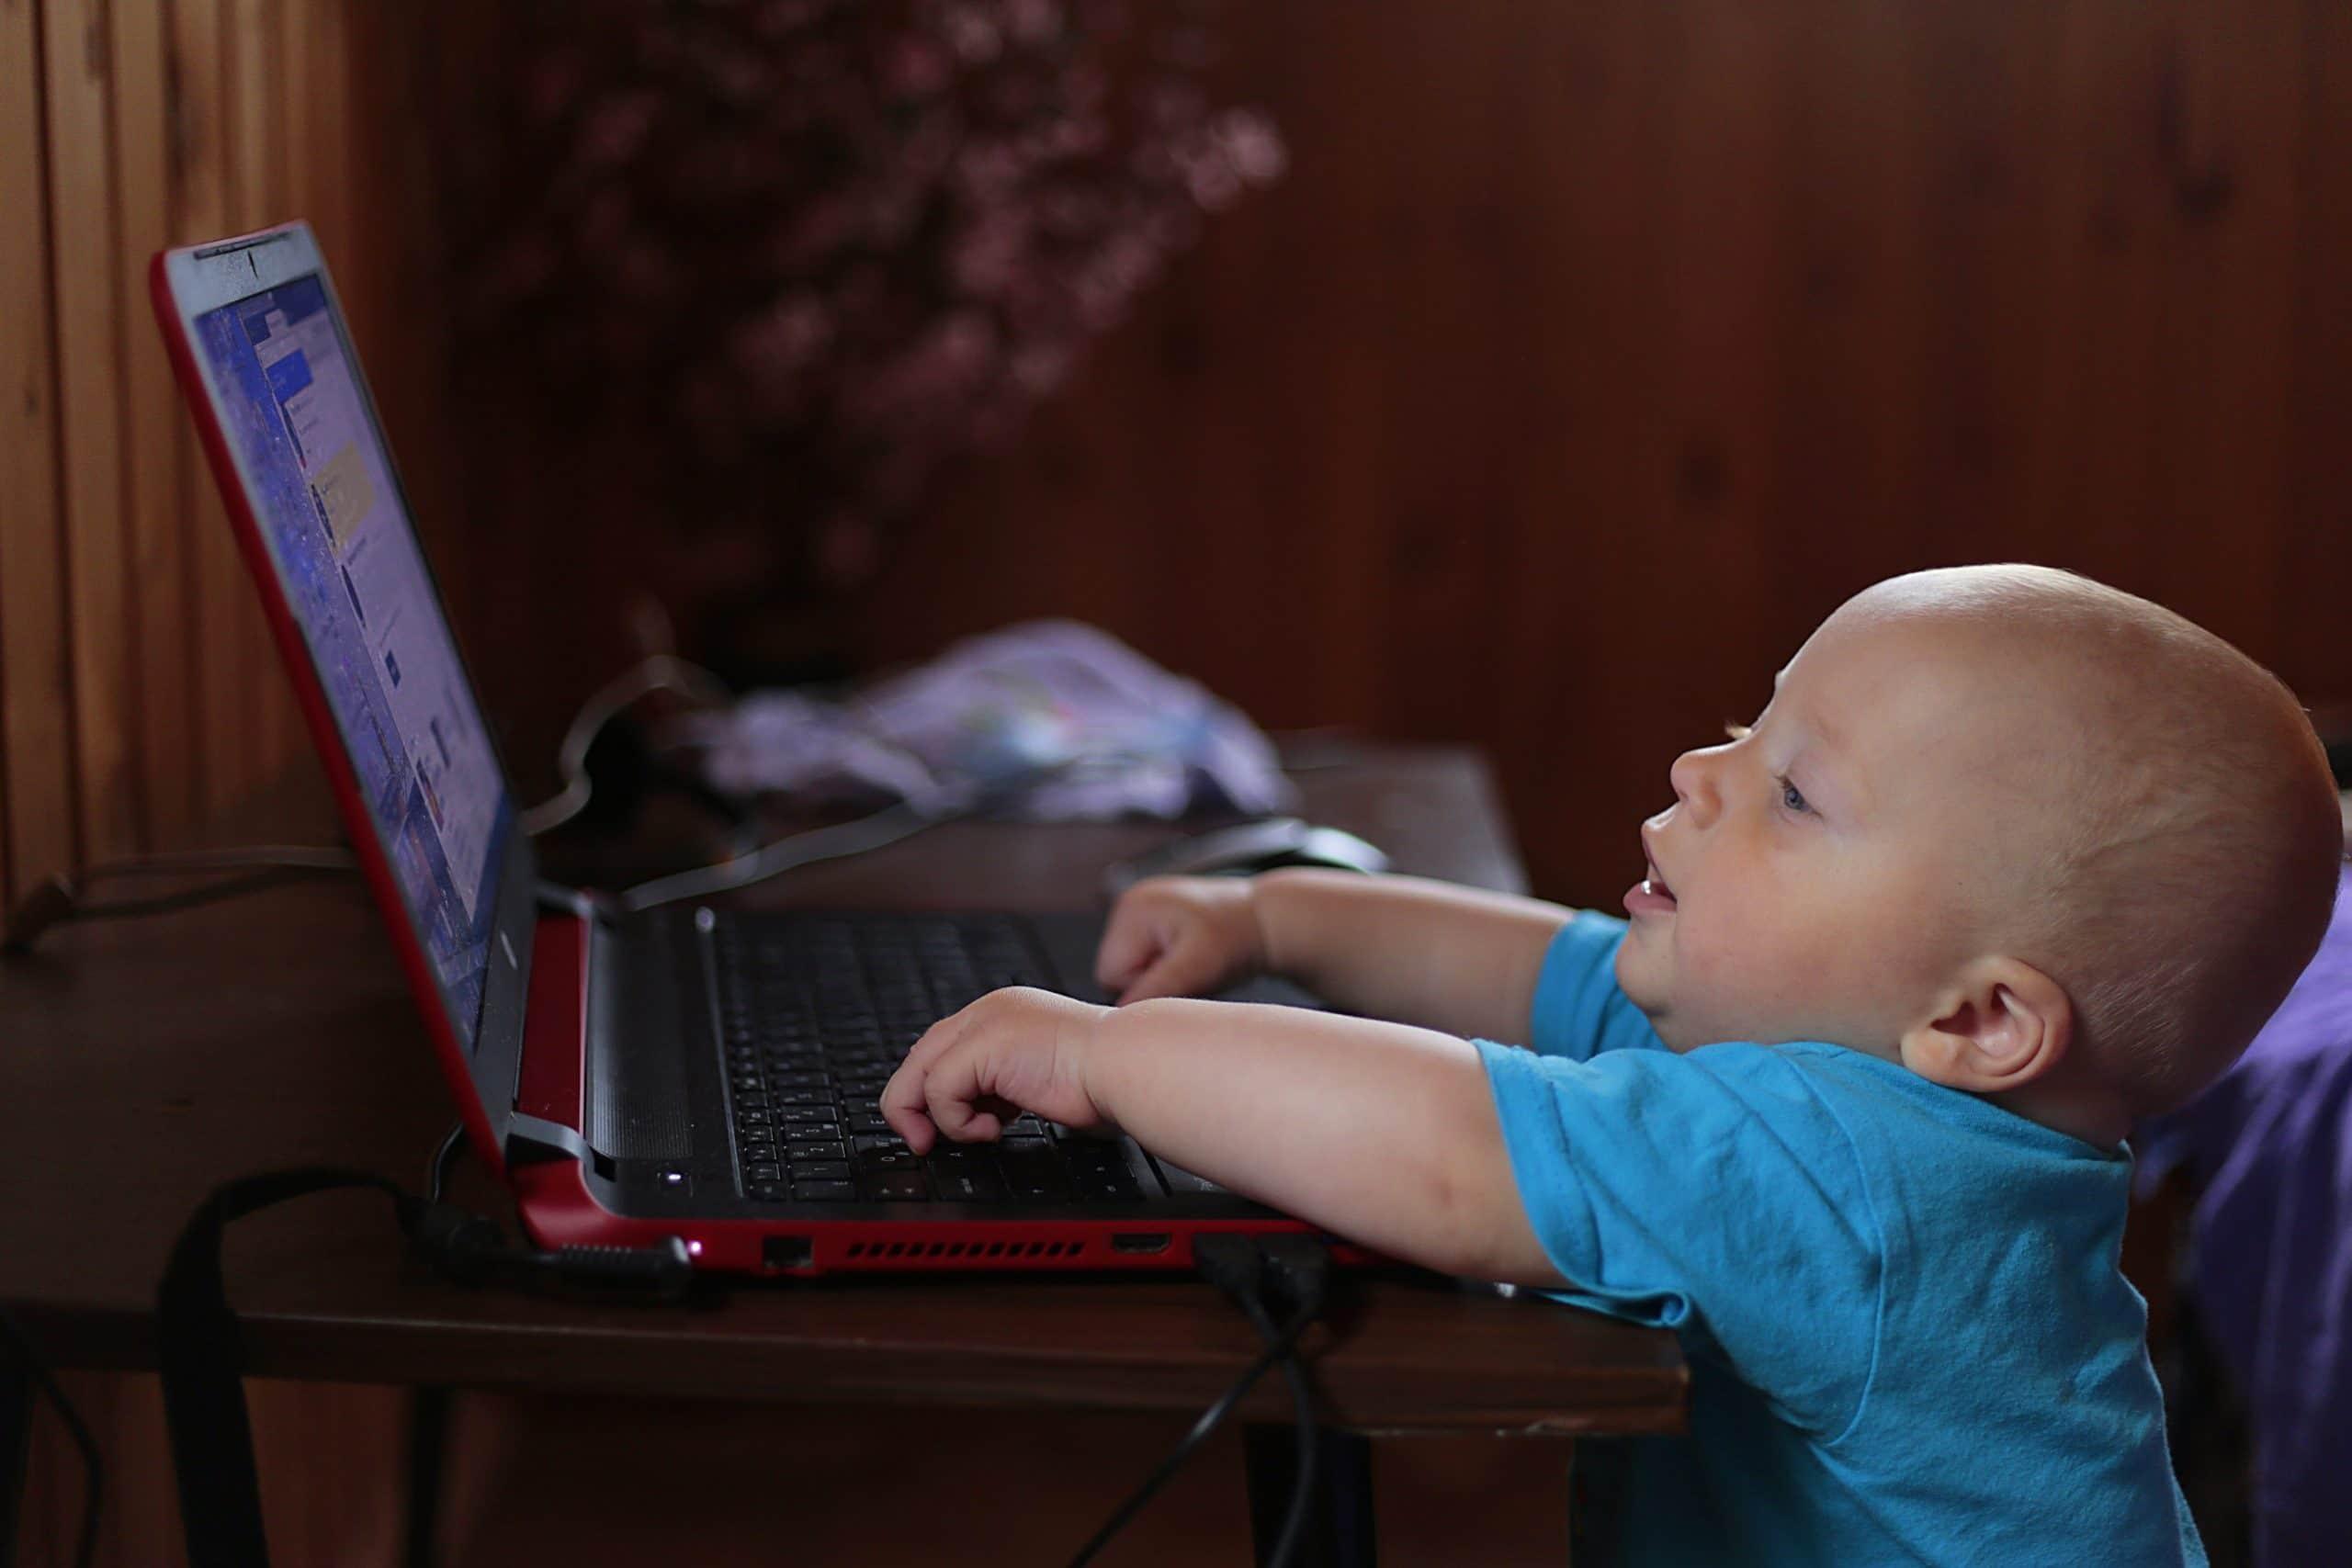 Bebê tentando digitar em um notebook.